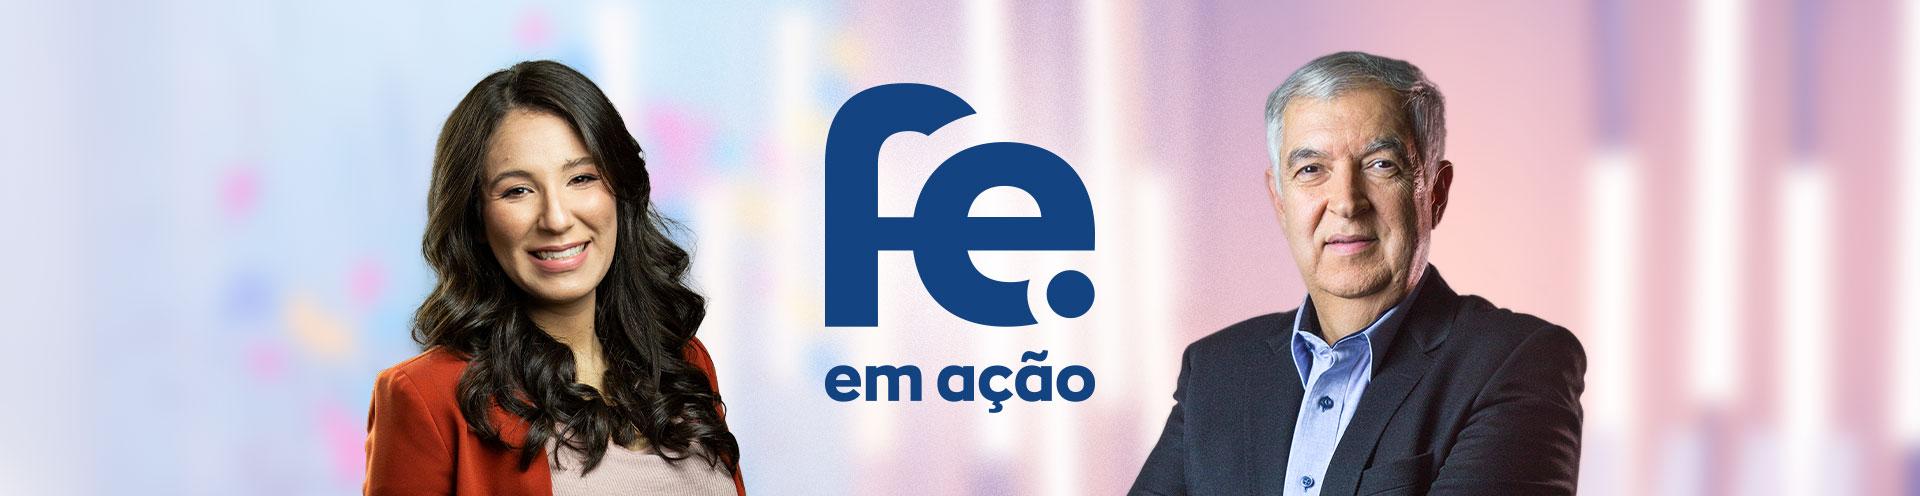 FÉ EM AÇÃO - NT Play